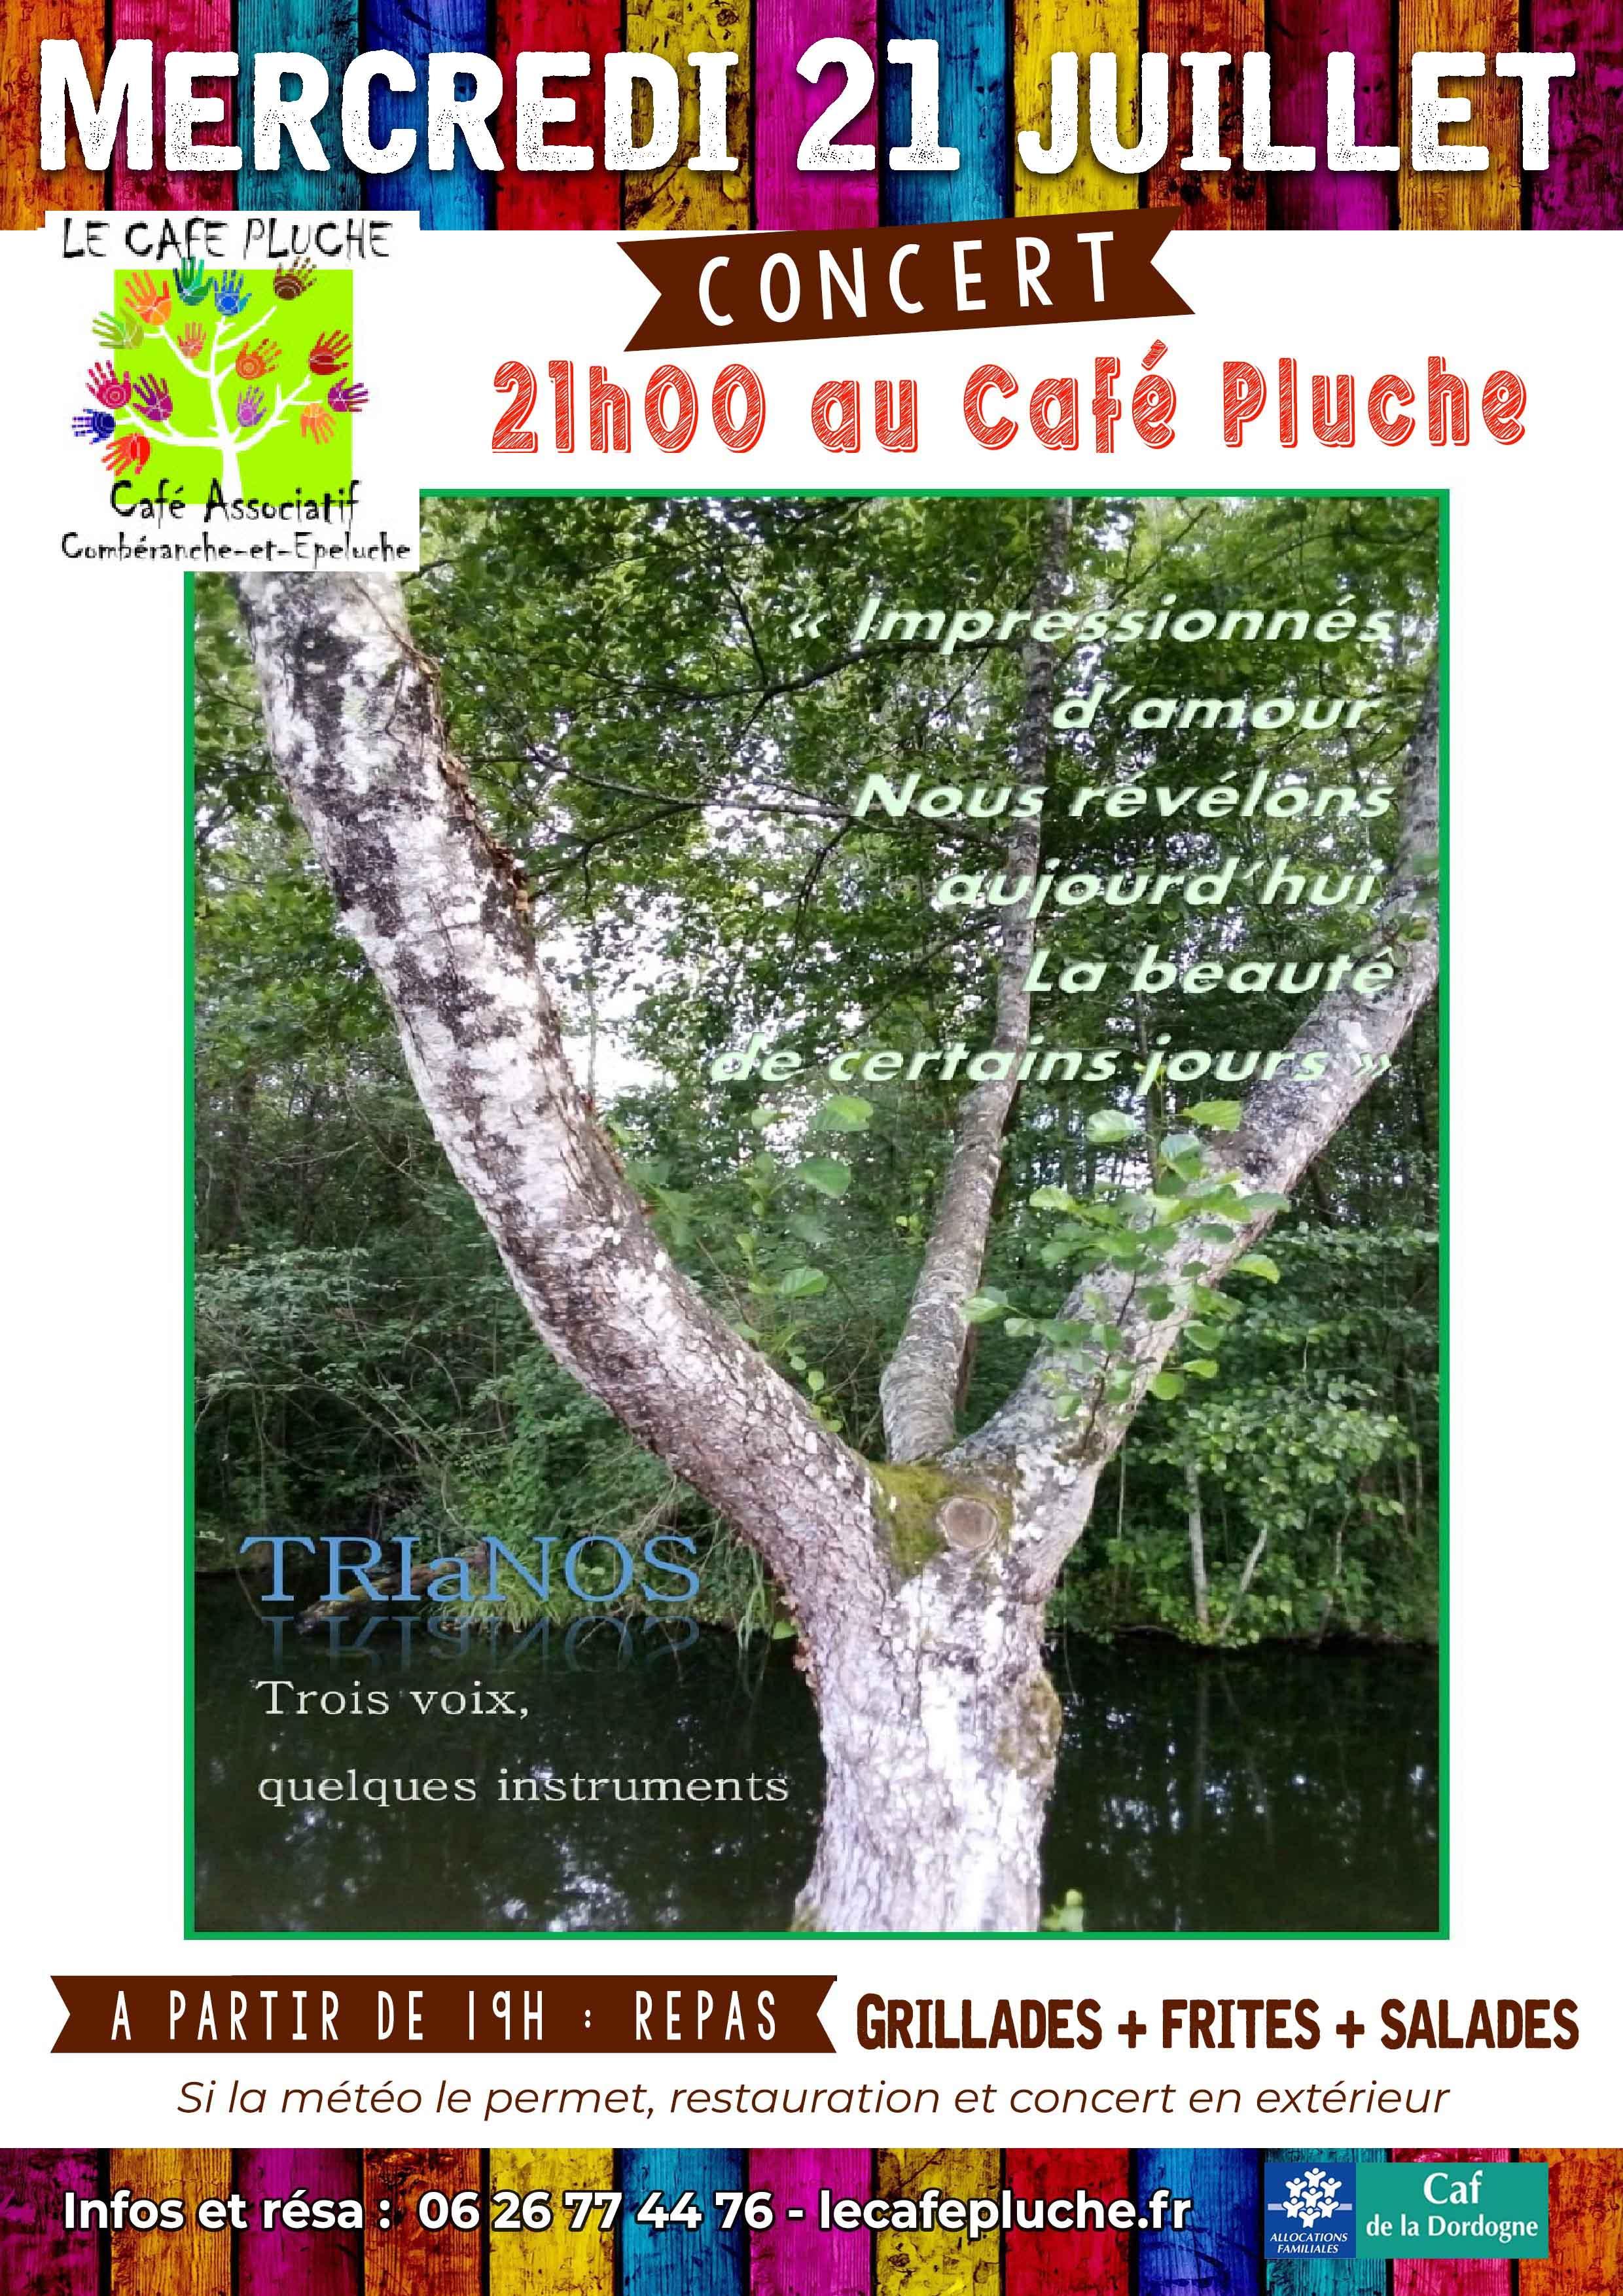 Concert TRIaNOS mercredi 21 juillet au café Pluche